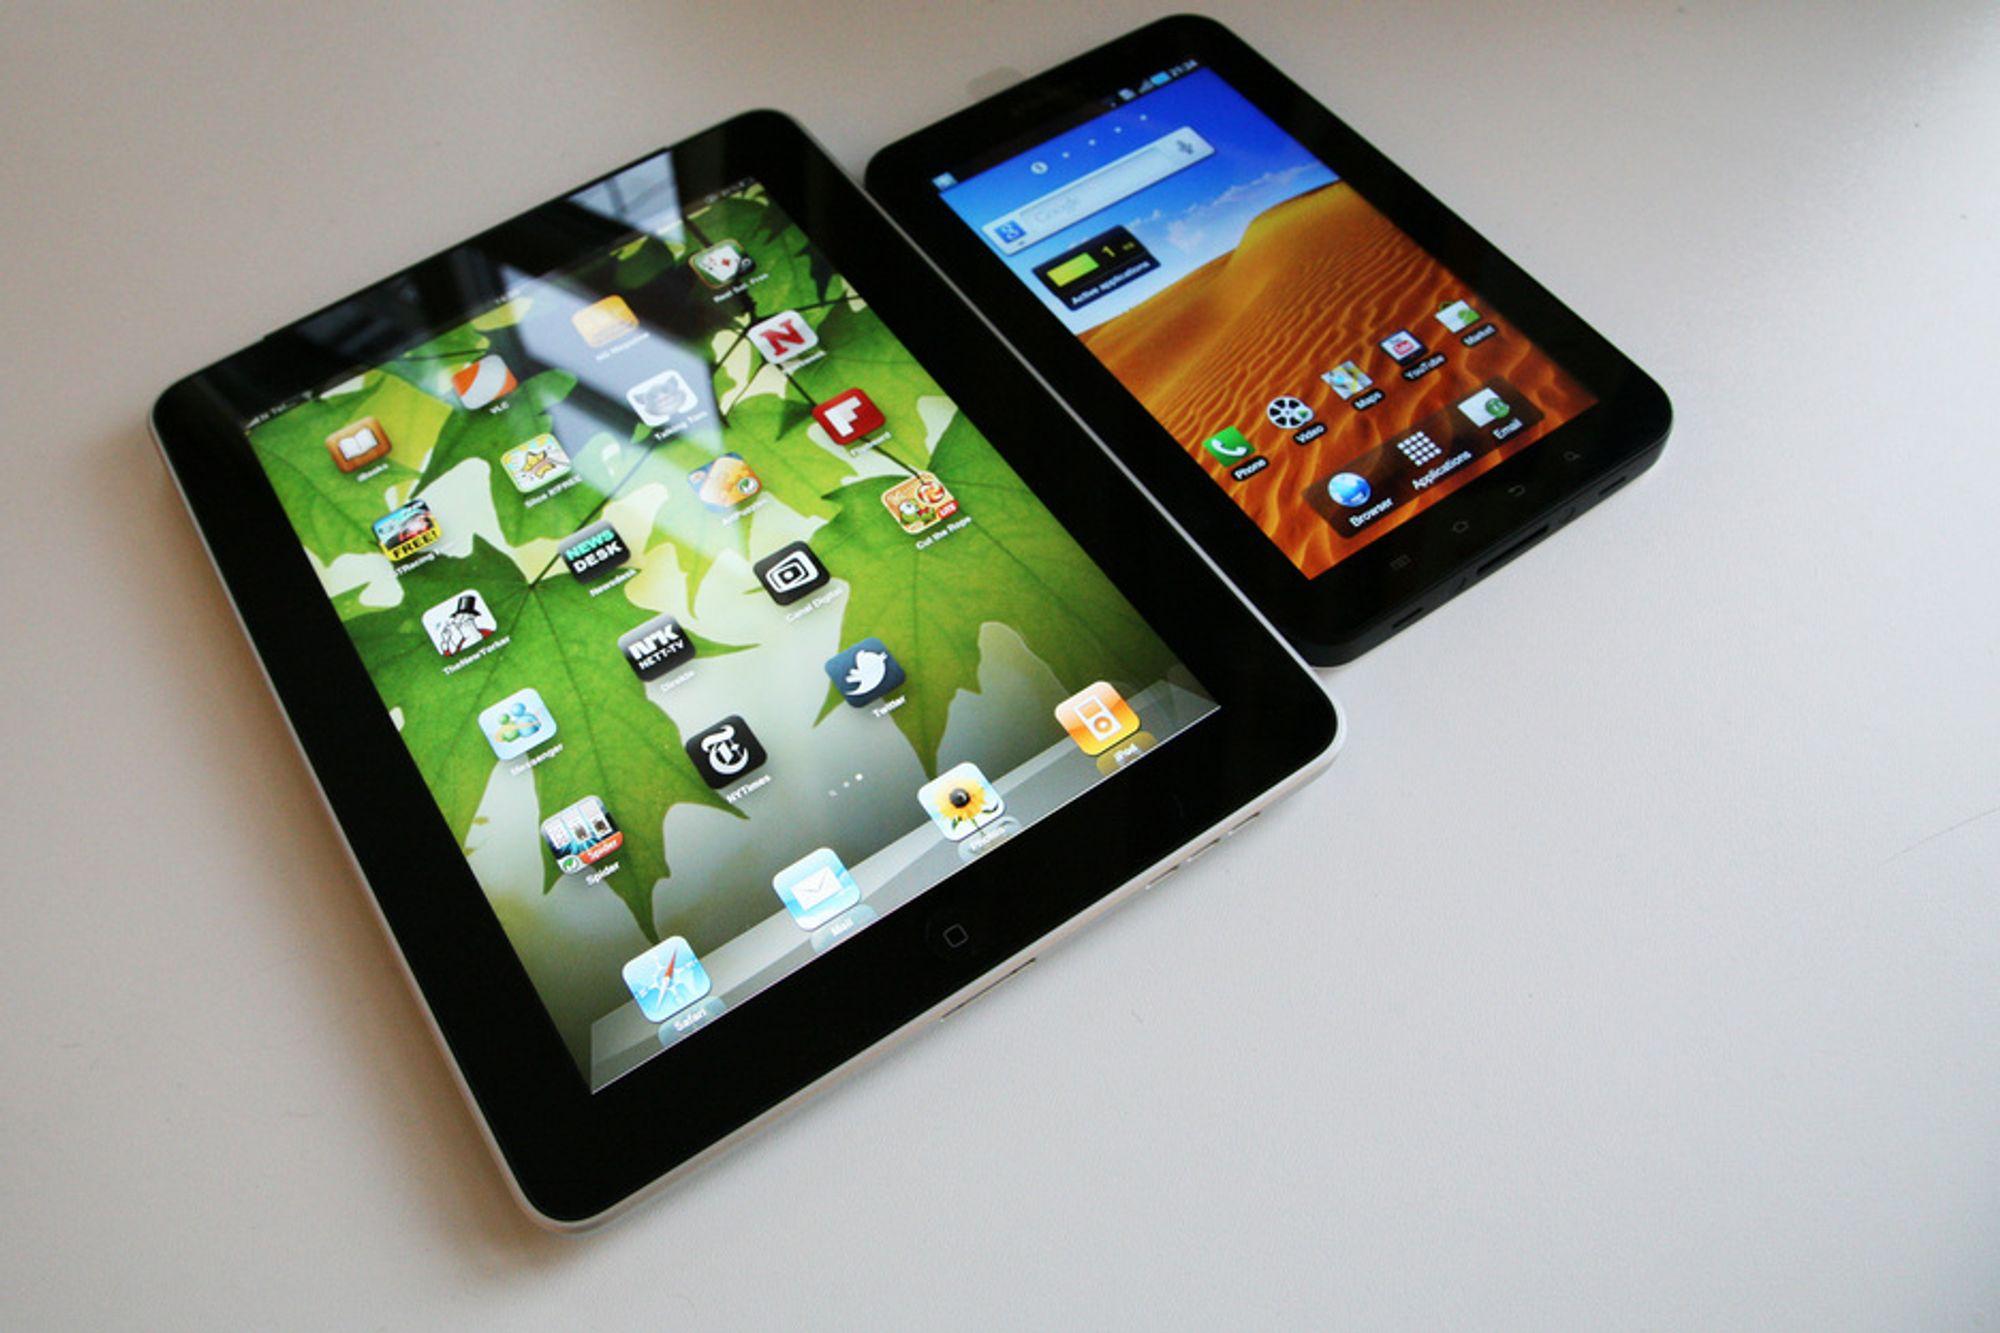 iPad har bare 2,7 tommer større skjerm enn Samsung Galaxy Tab, men i praksis utgjør det en stor forskjell.